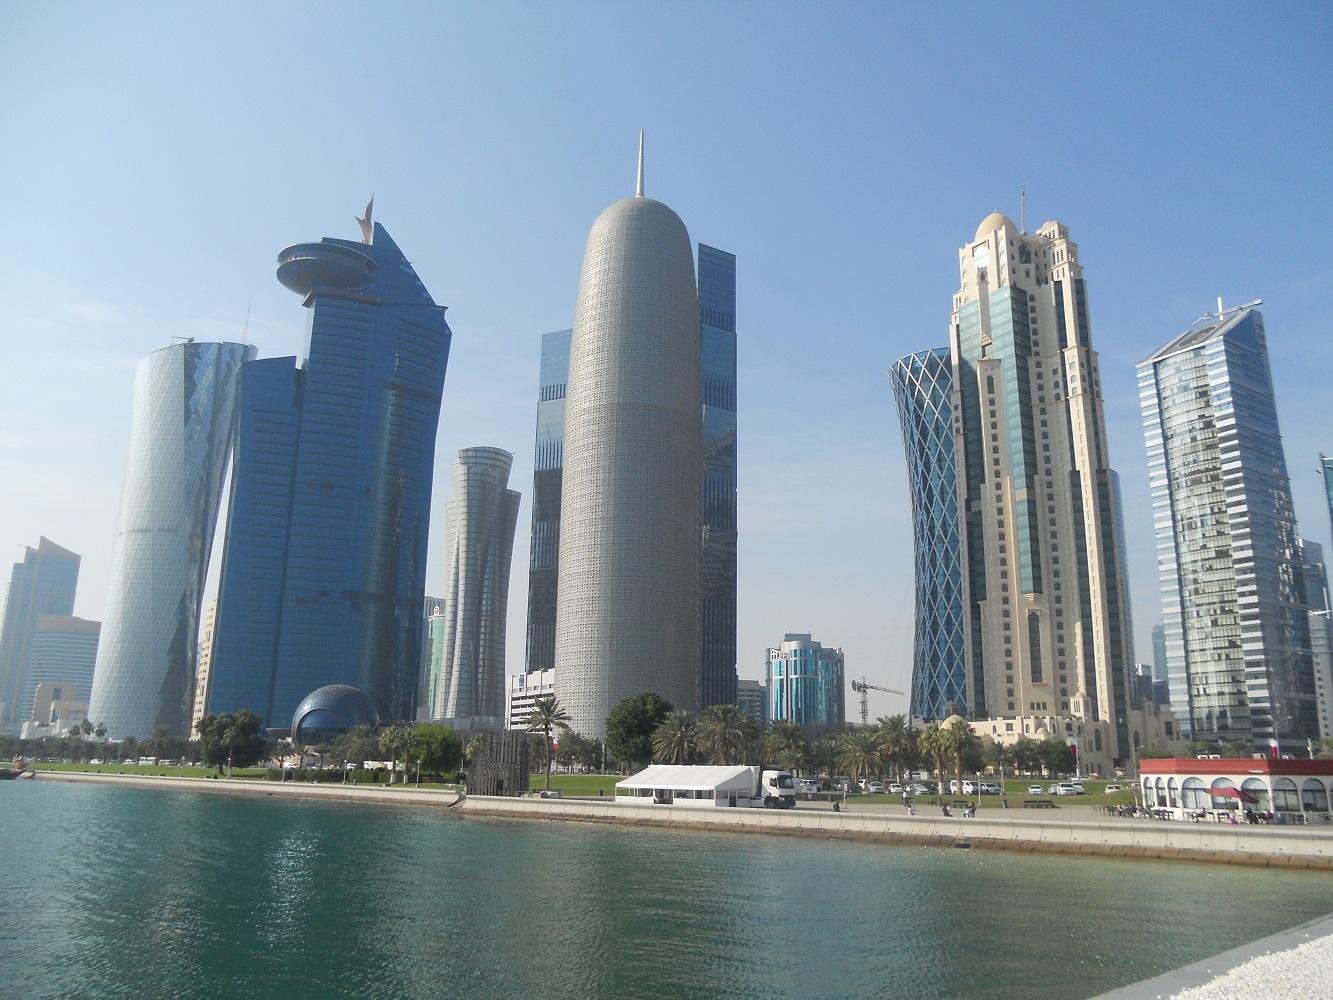 Mein Schiff Reiseziel: Die Skyline von Doha